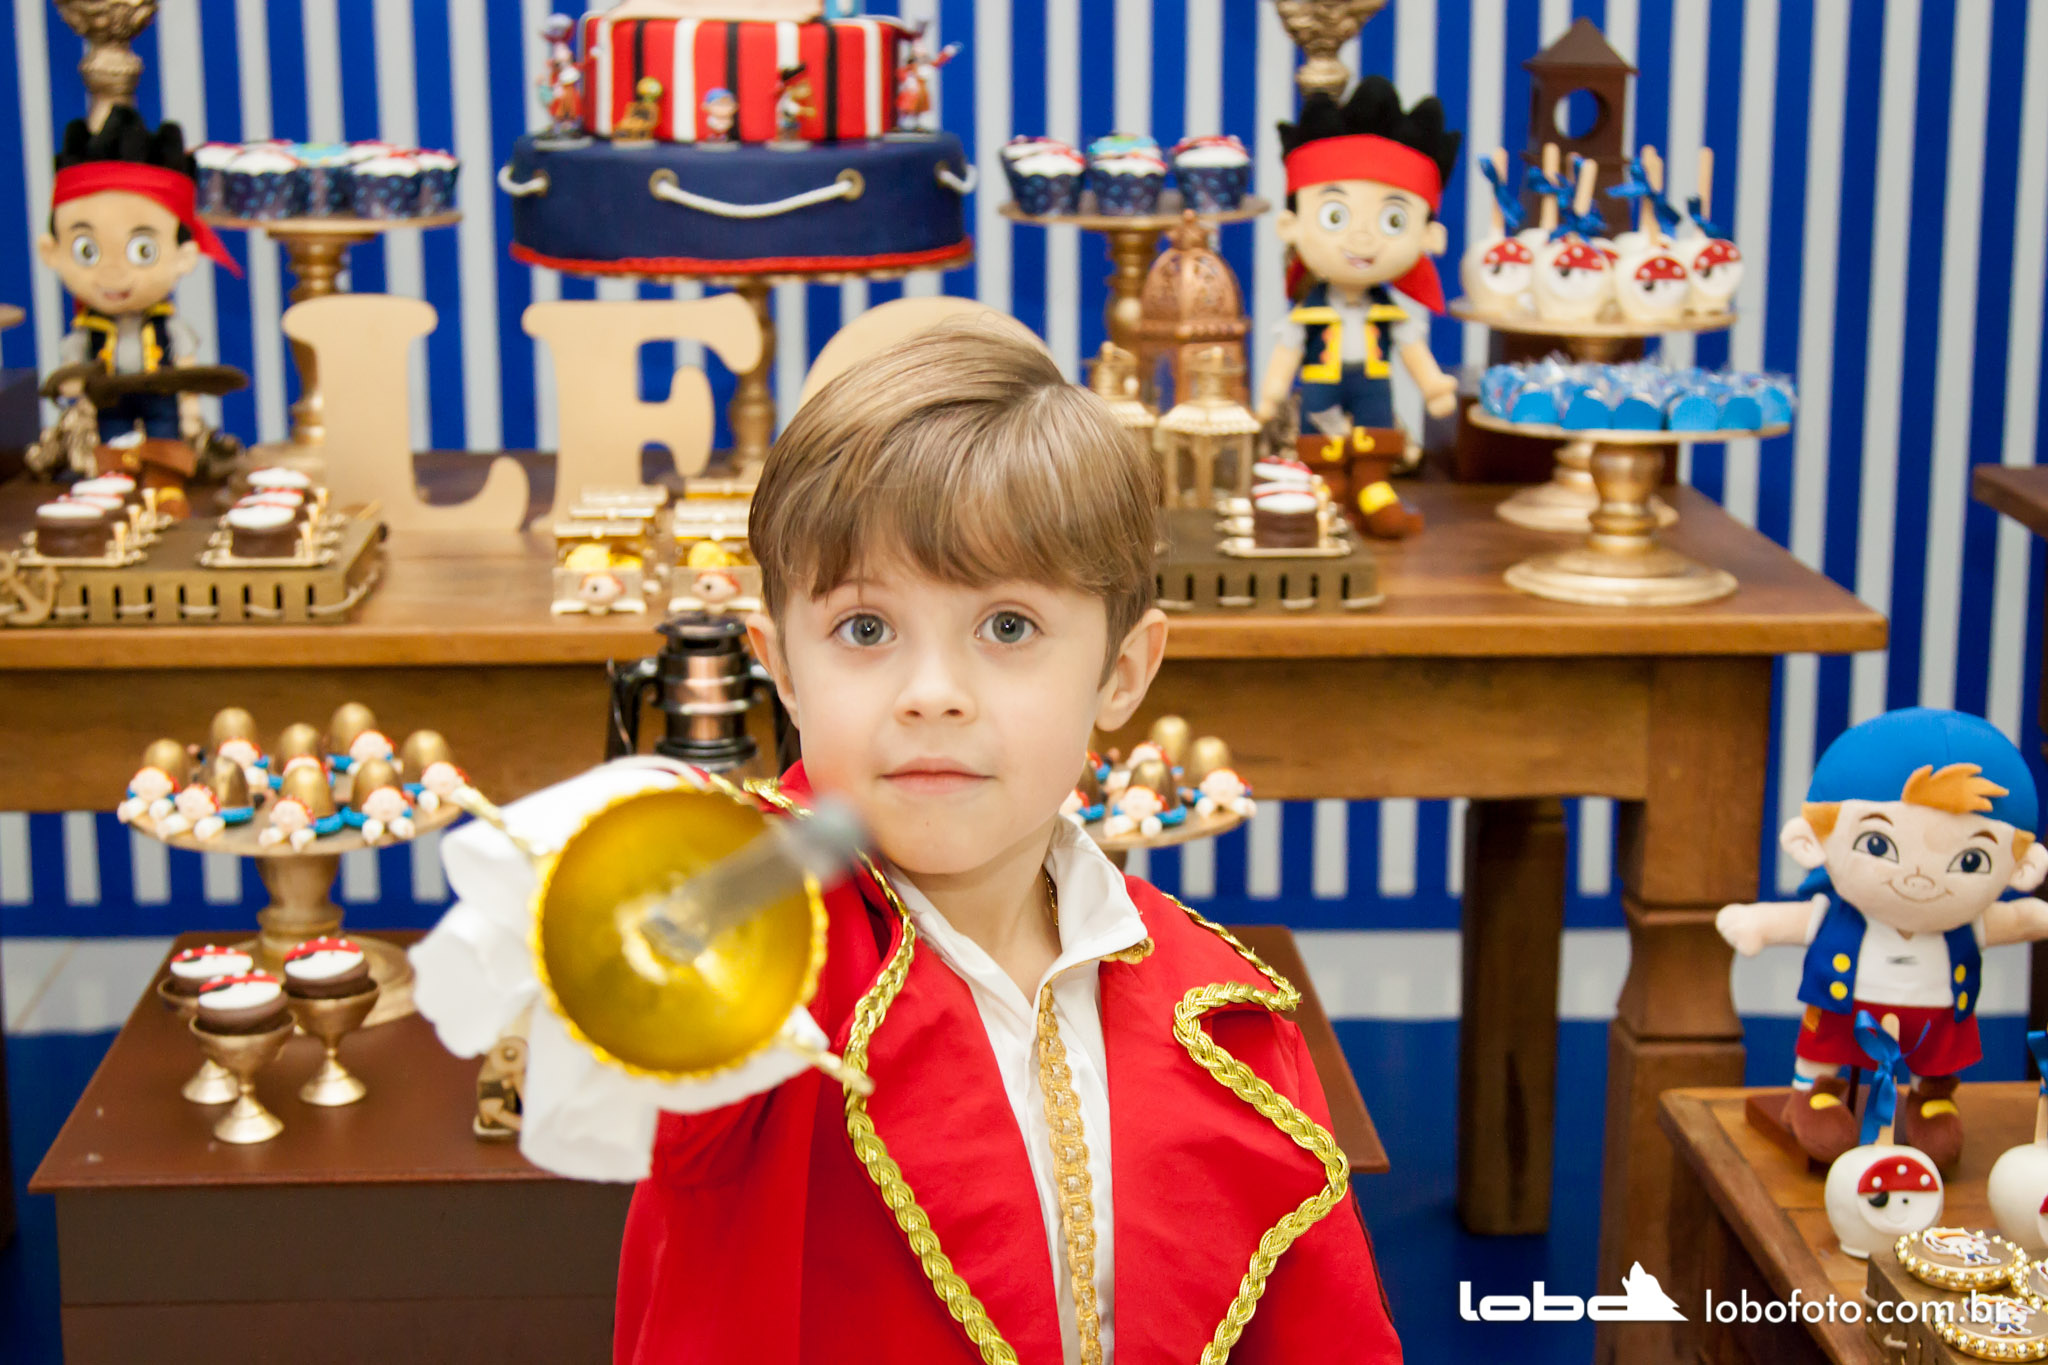 Lobo Foto - lobofoto5@gmail.com